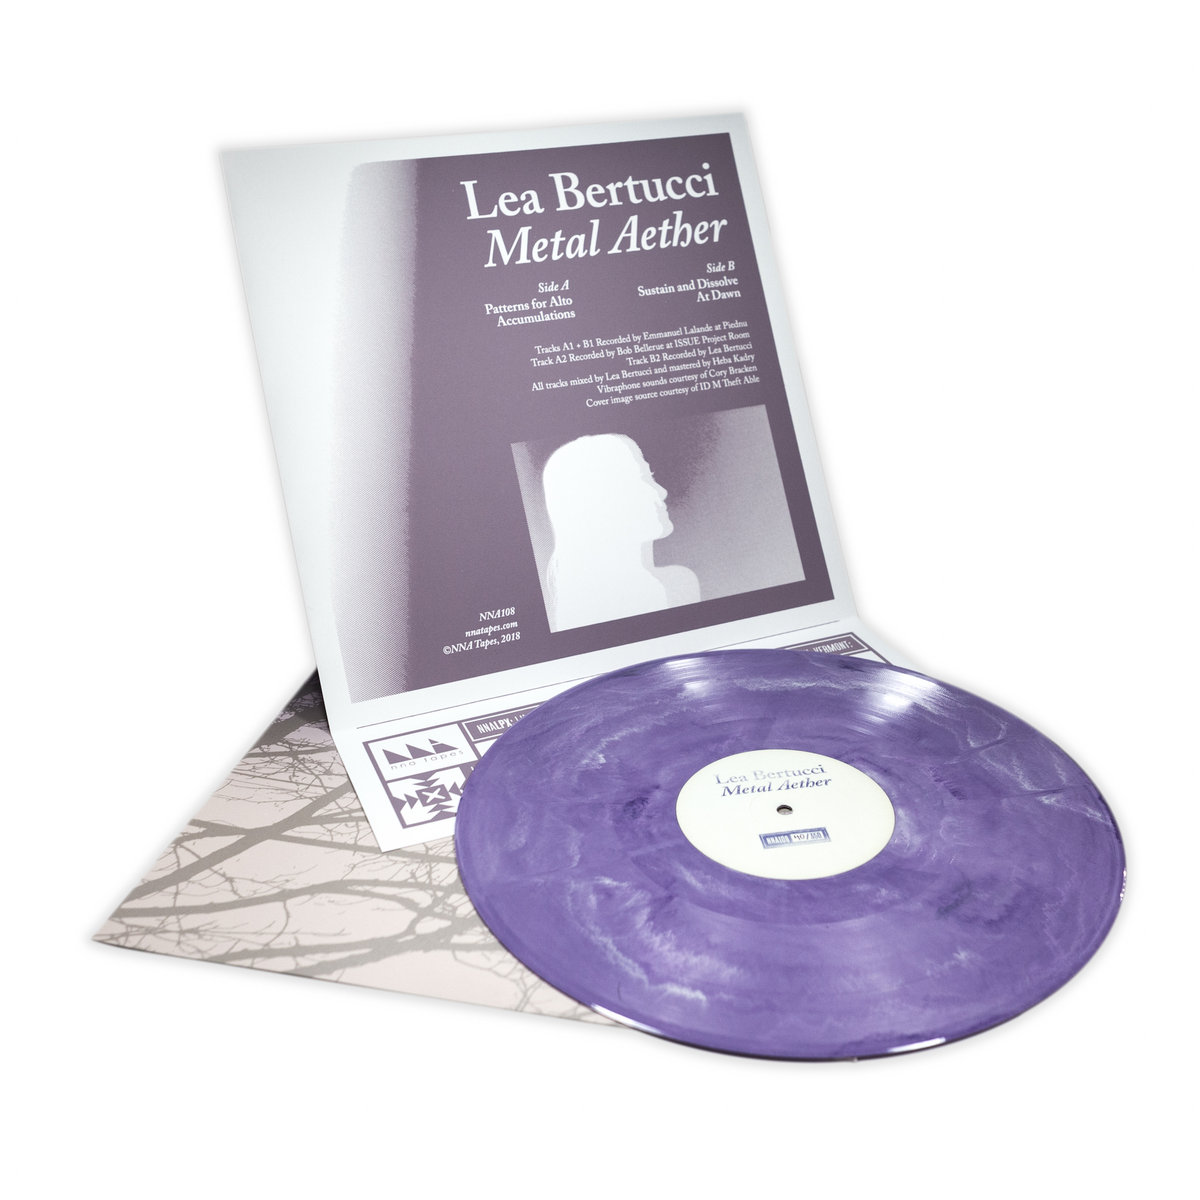 metal-aether-vinyl